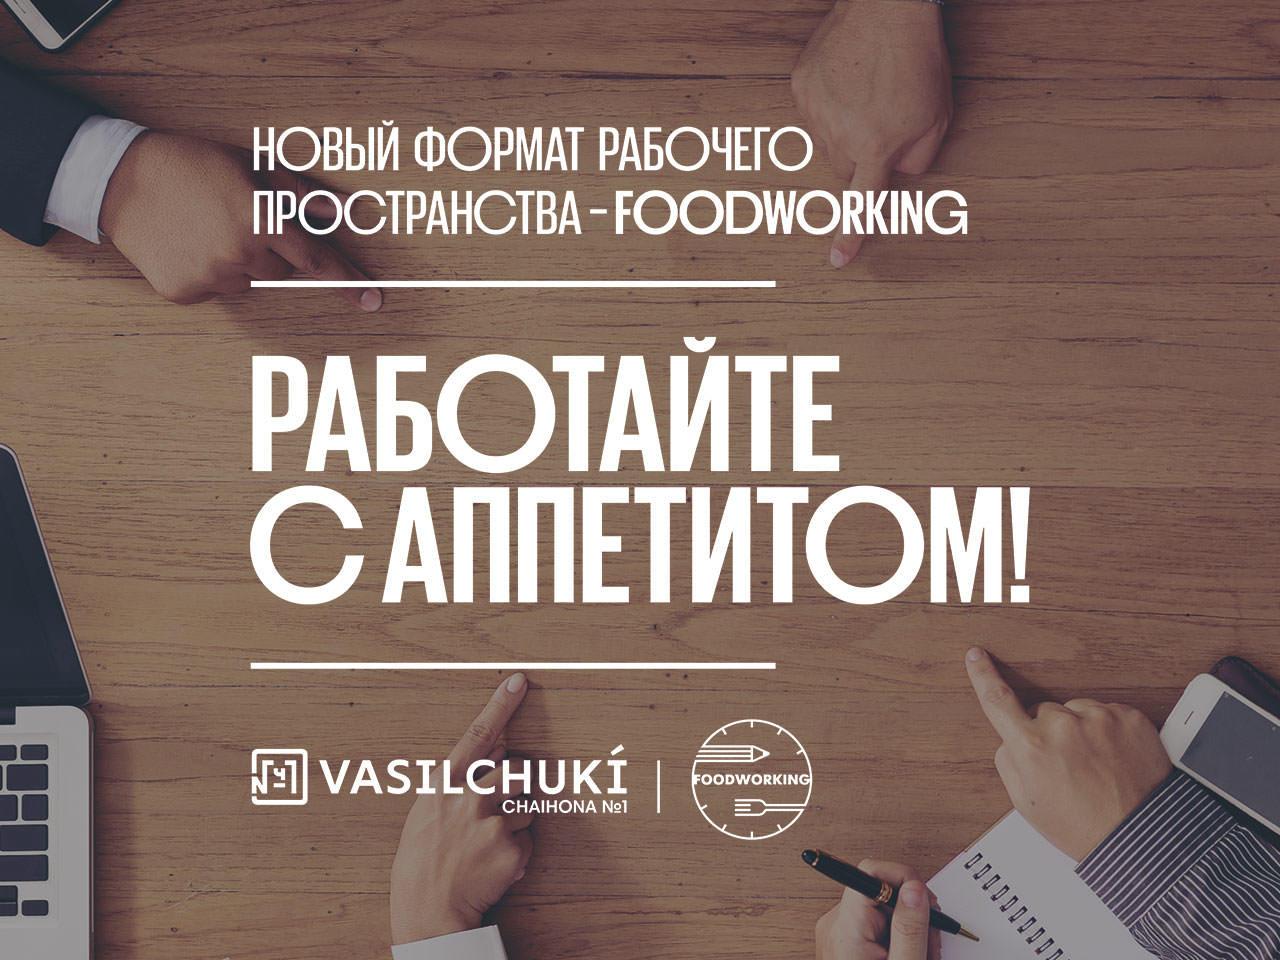 Работайте с аппетитом!